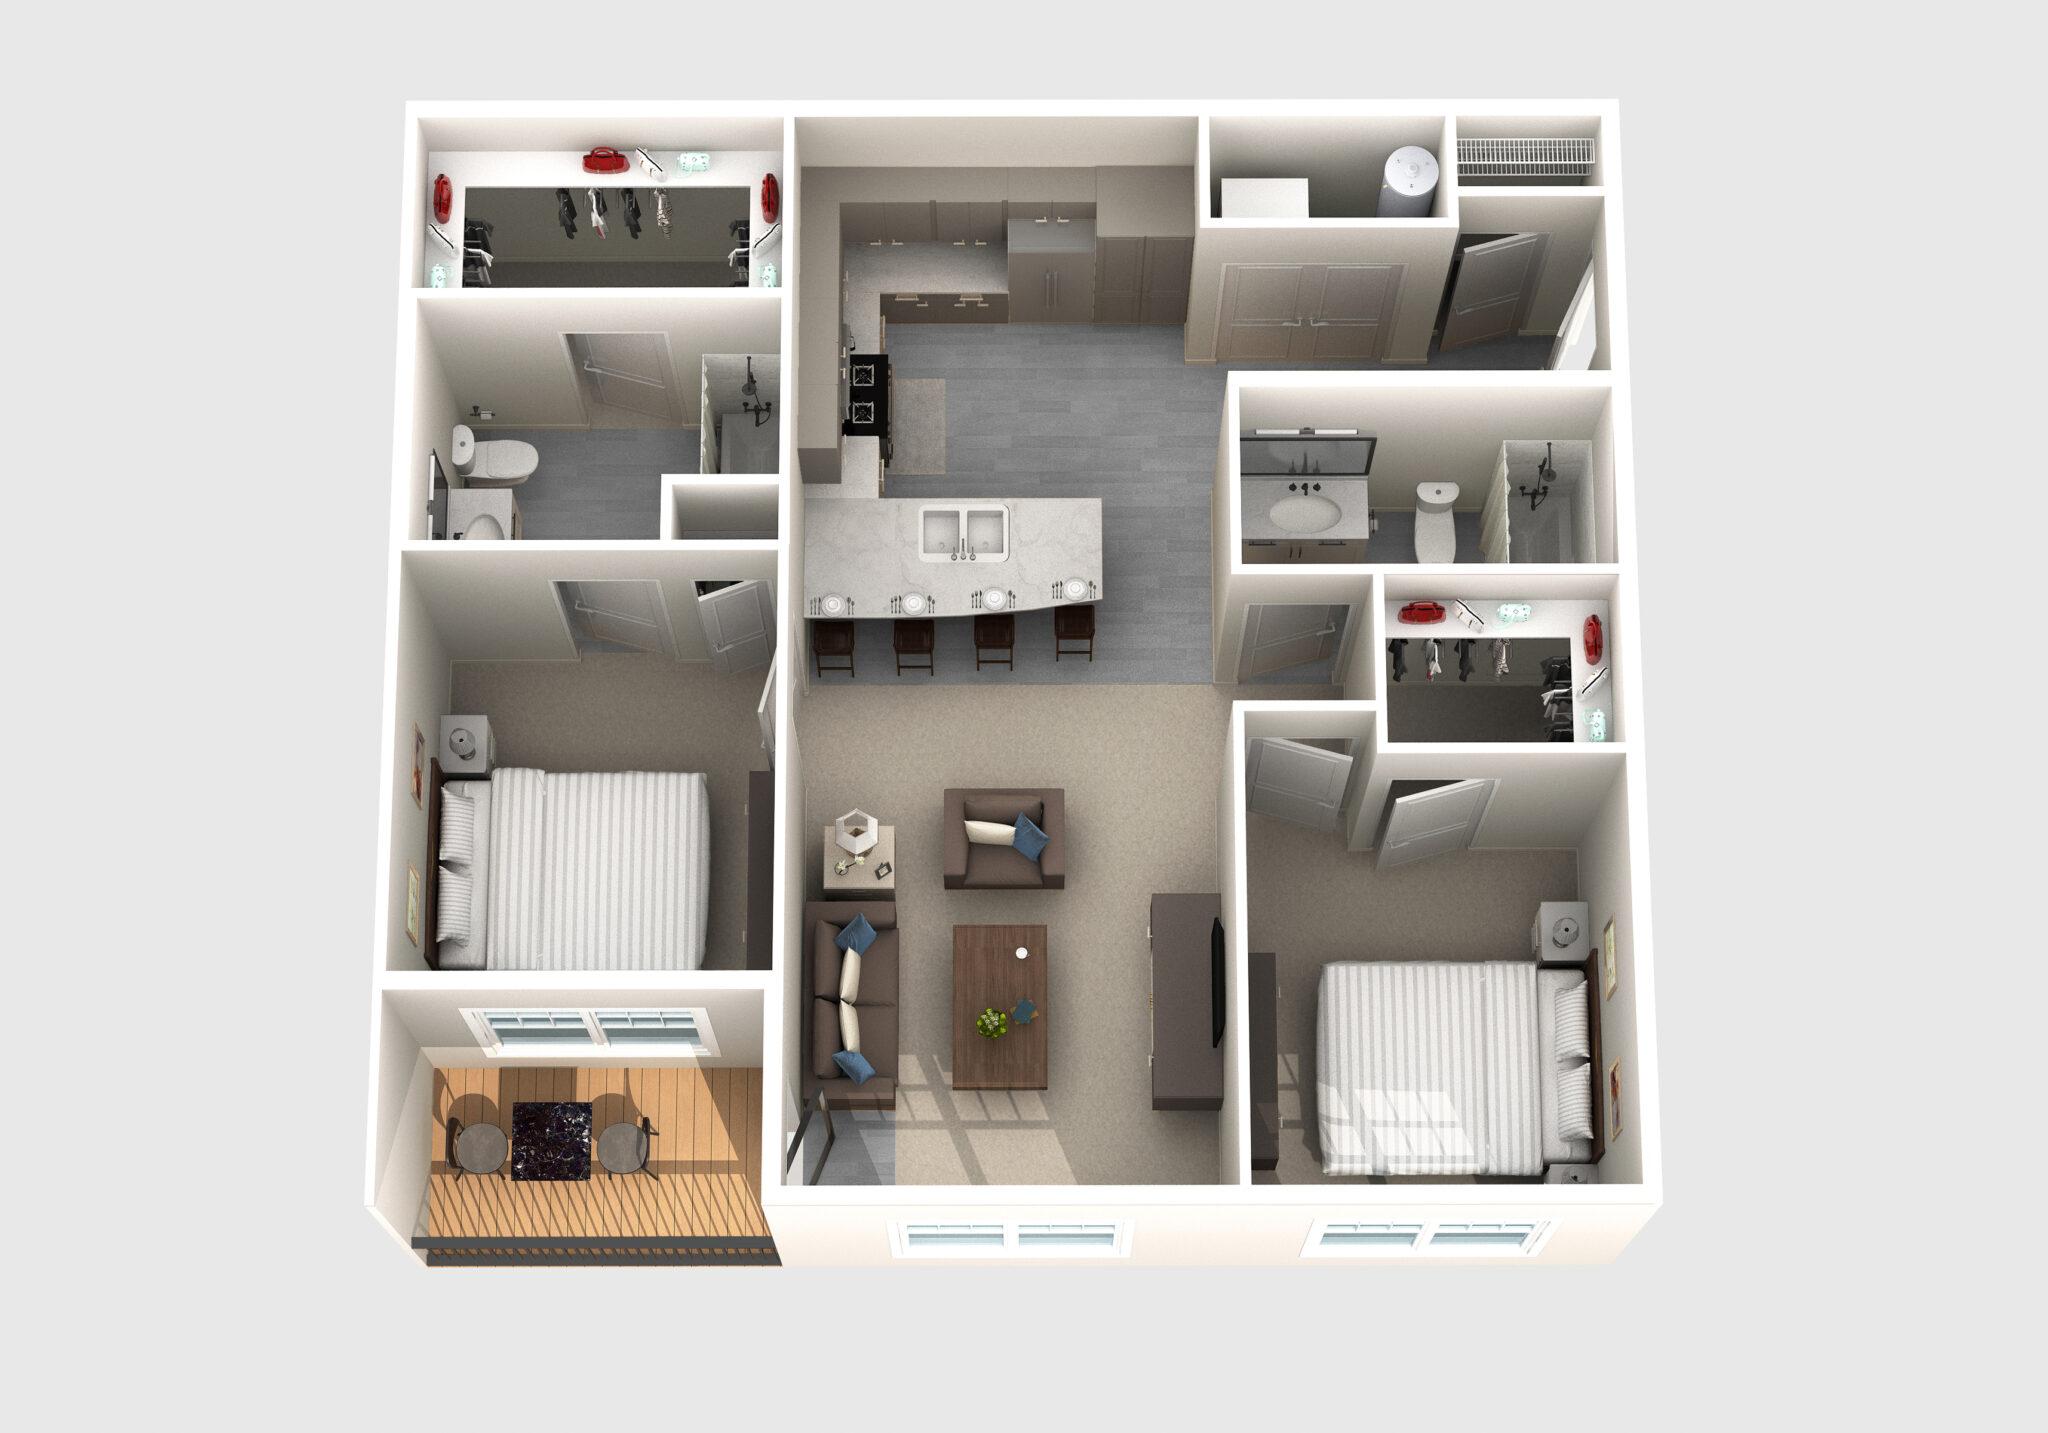 The Zook floor plan